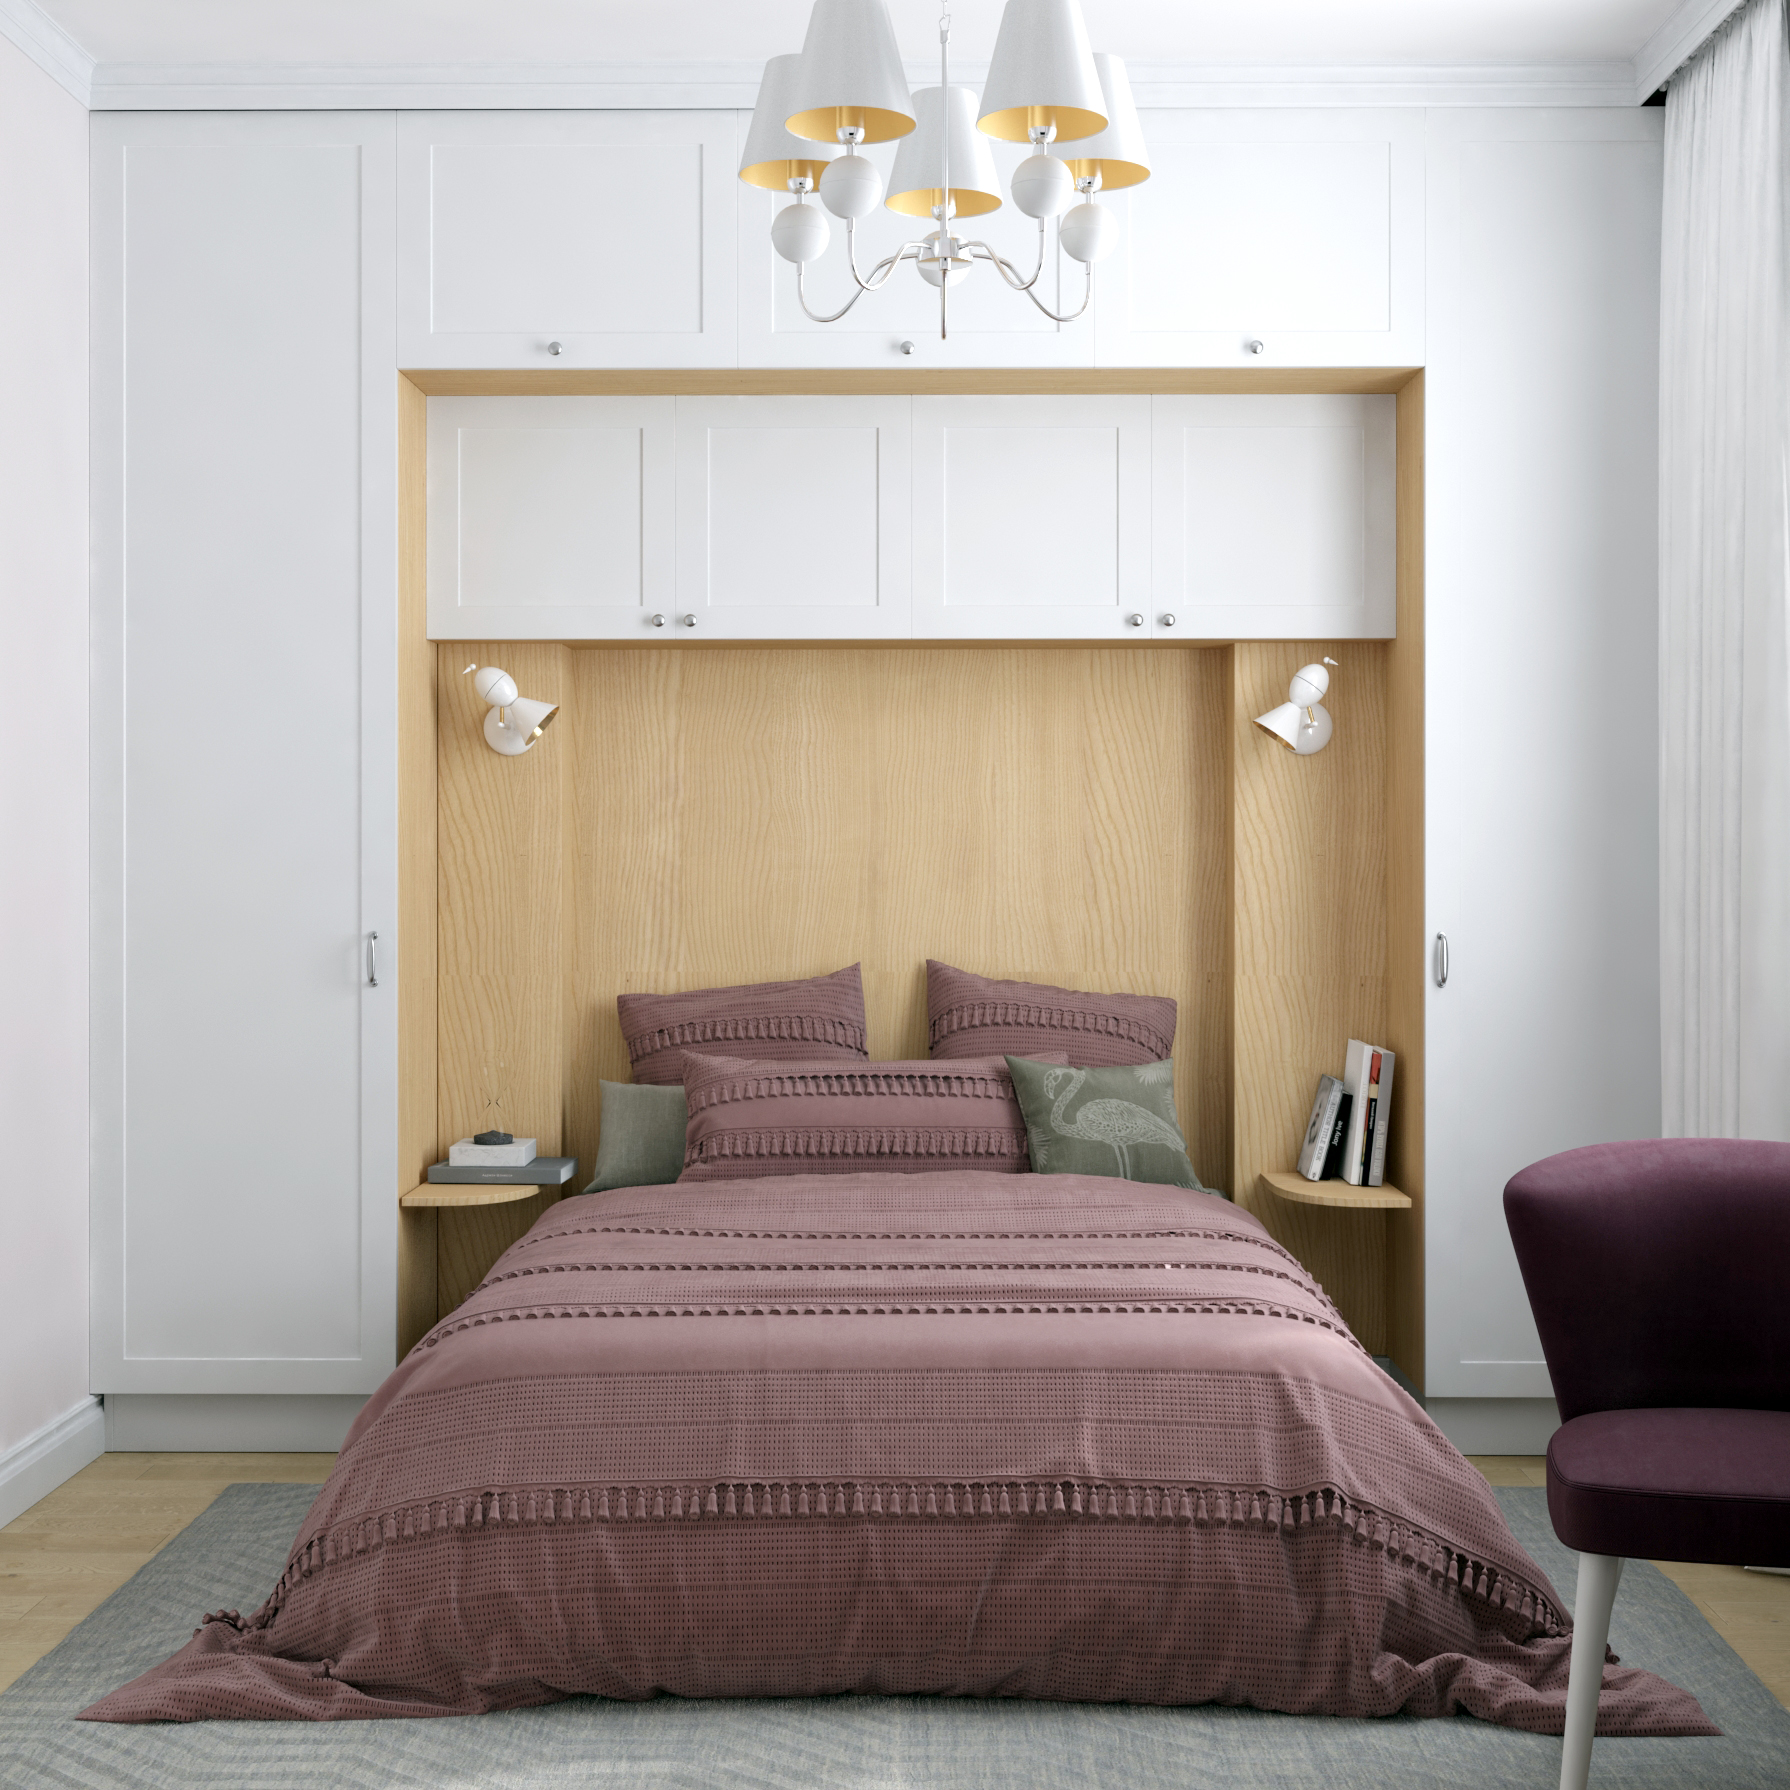 Изображение гостевой комфортной спальни